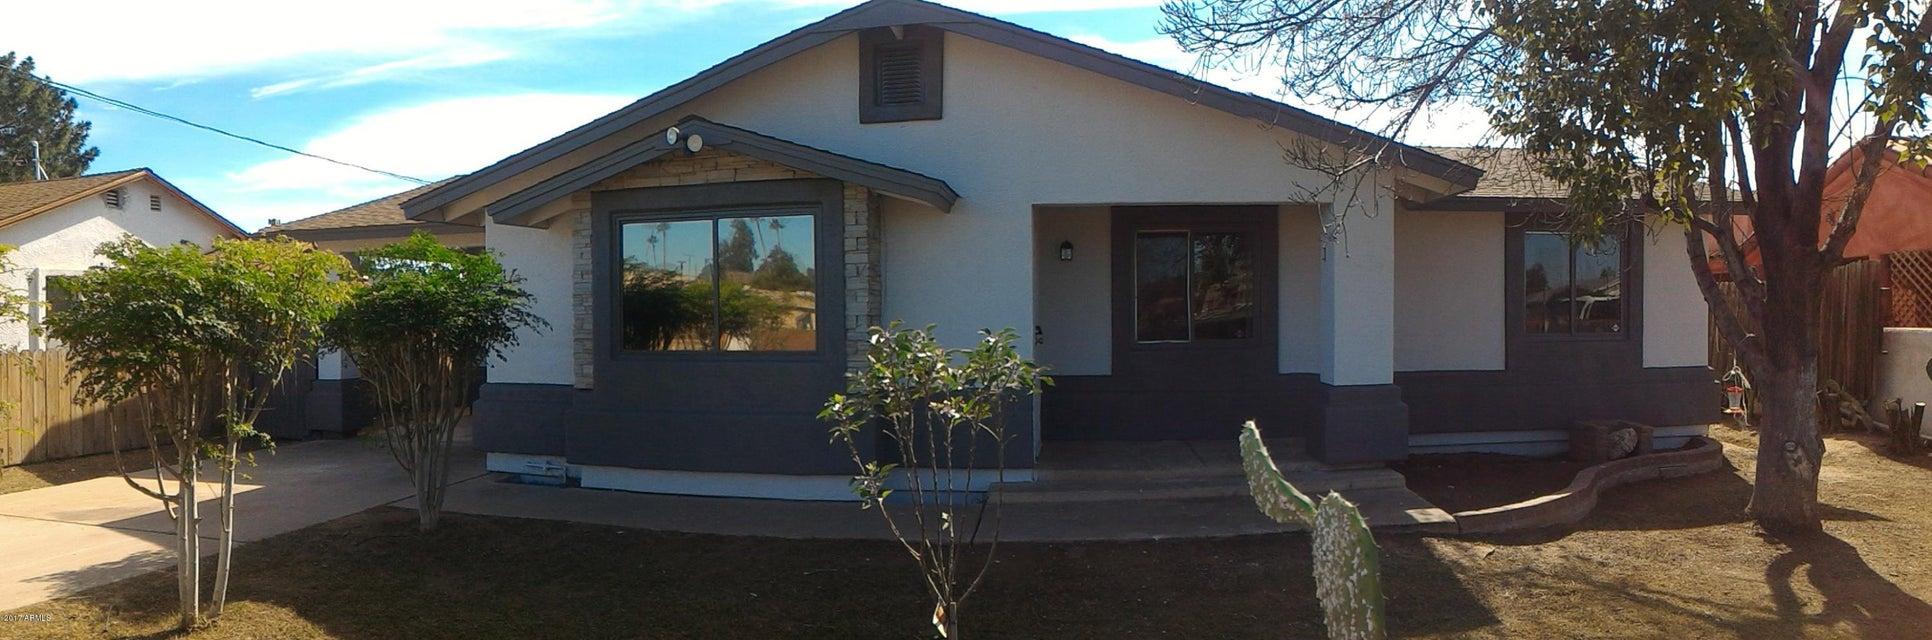 8639 W JEFFERSON Street, Peoria, AZ 85345